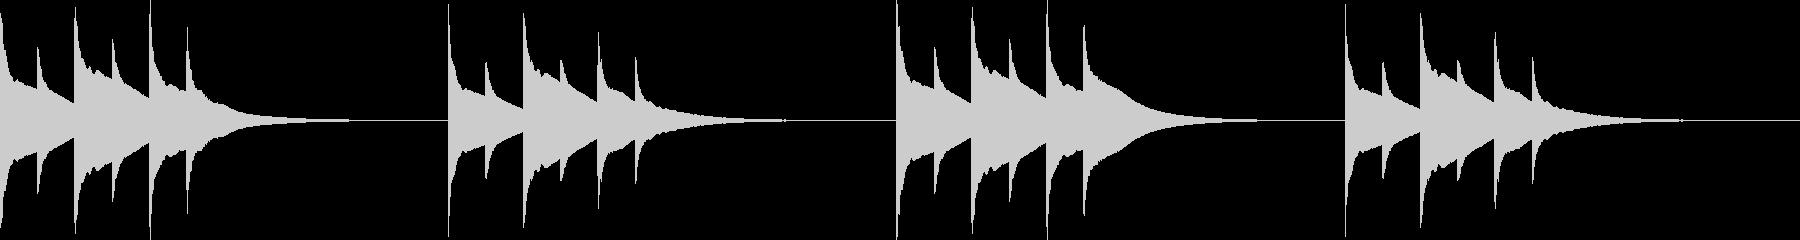 ホラー クリスタルなベル音の未再生の波形